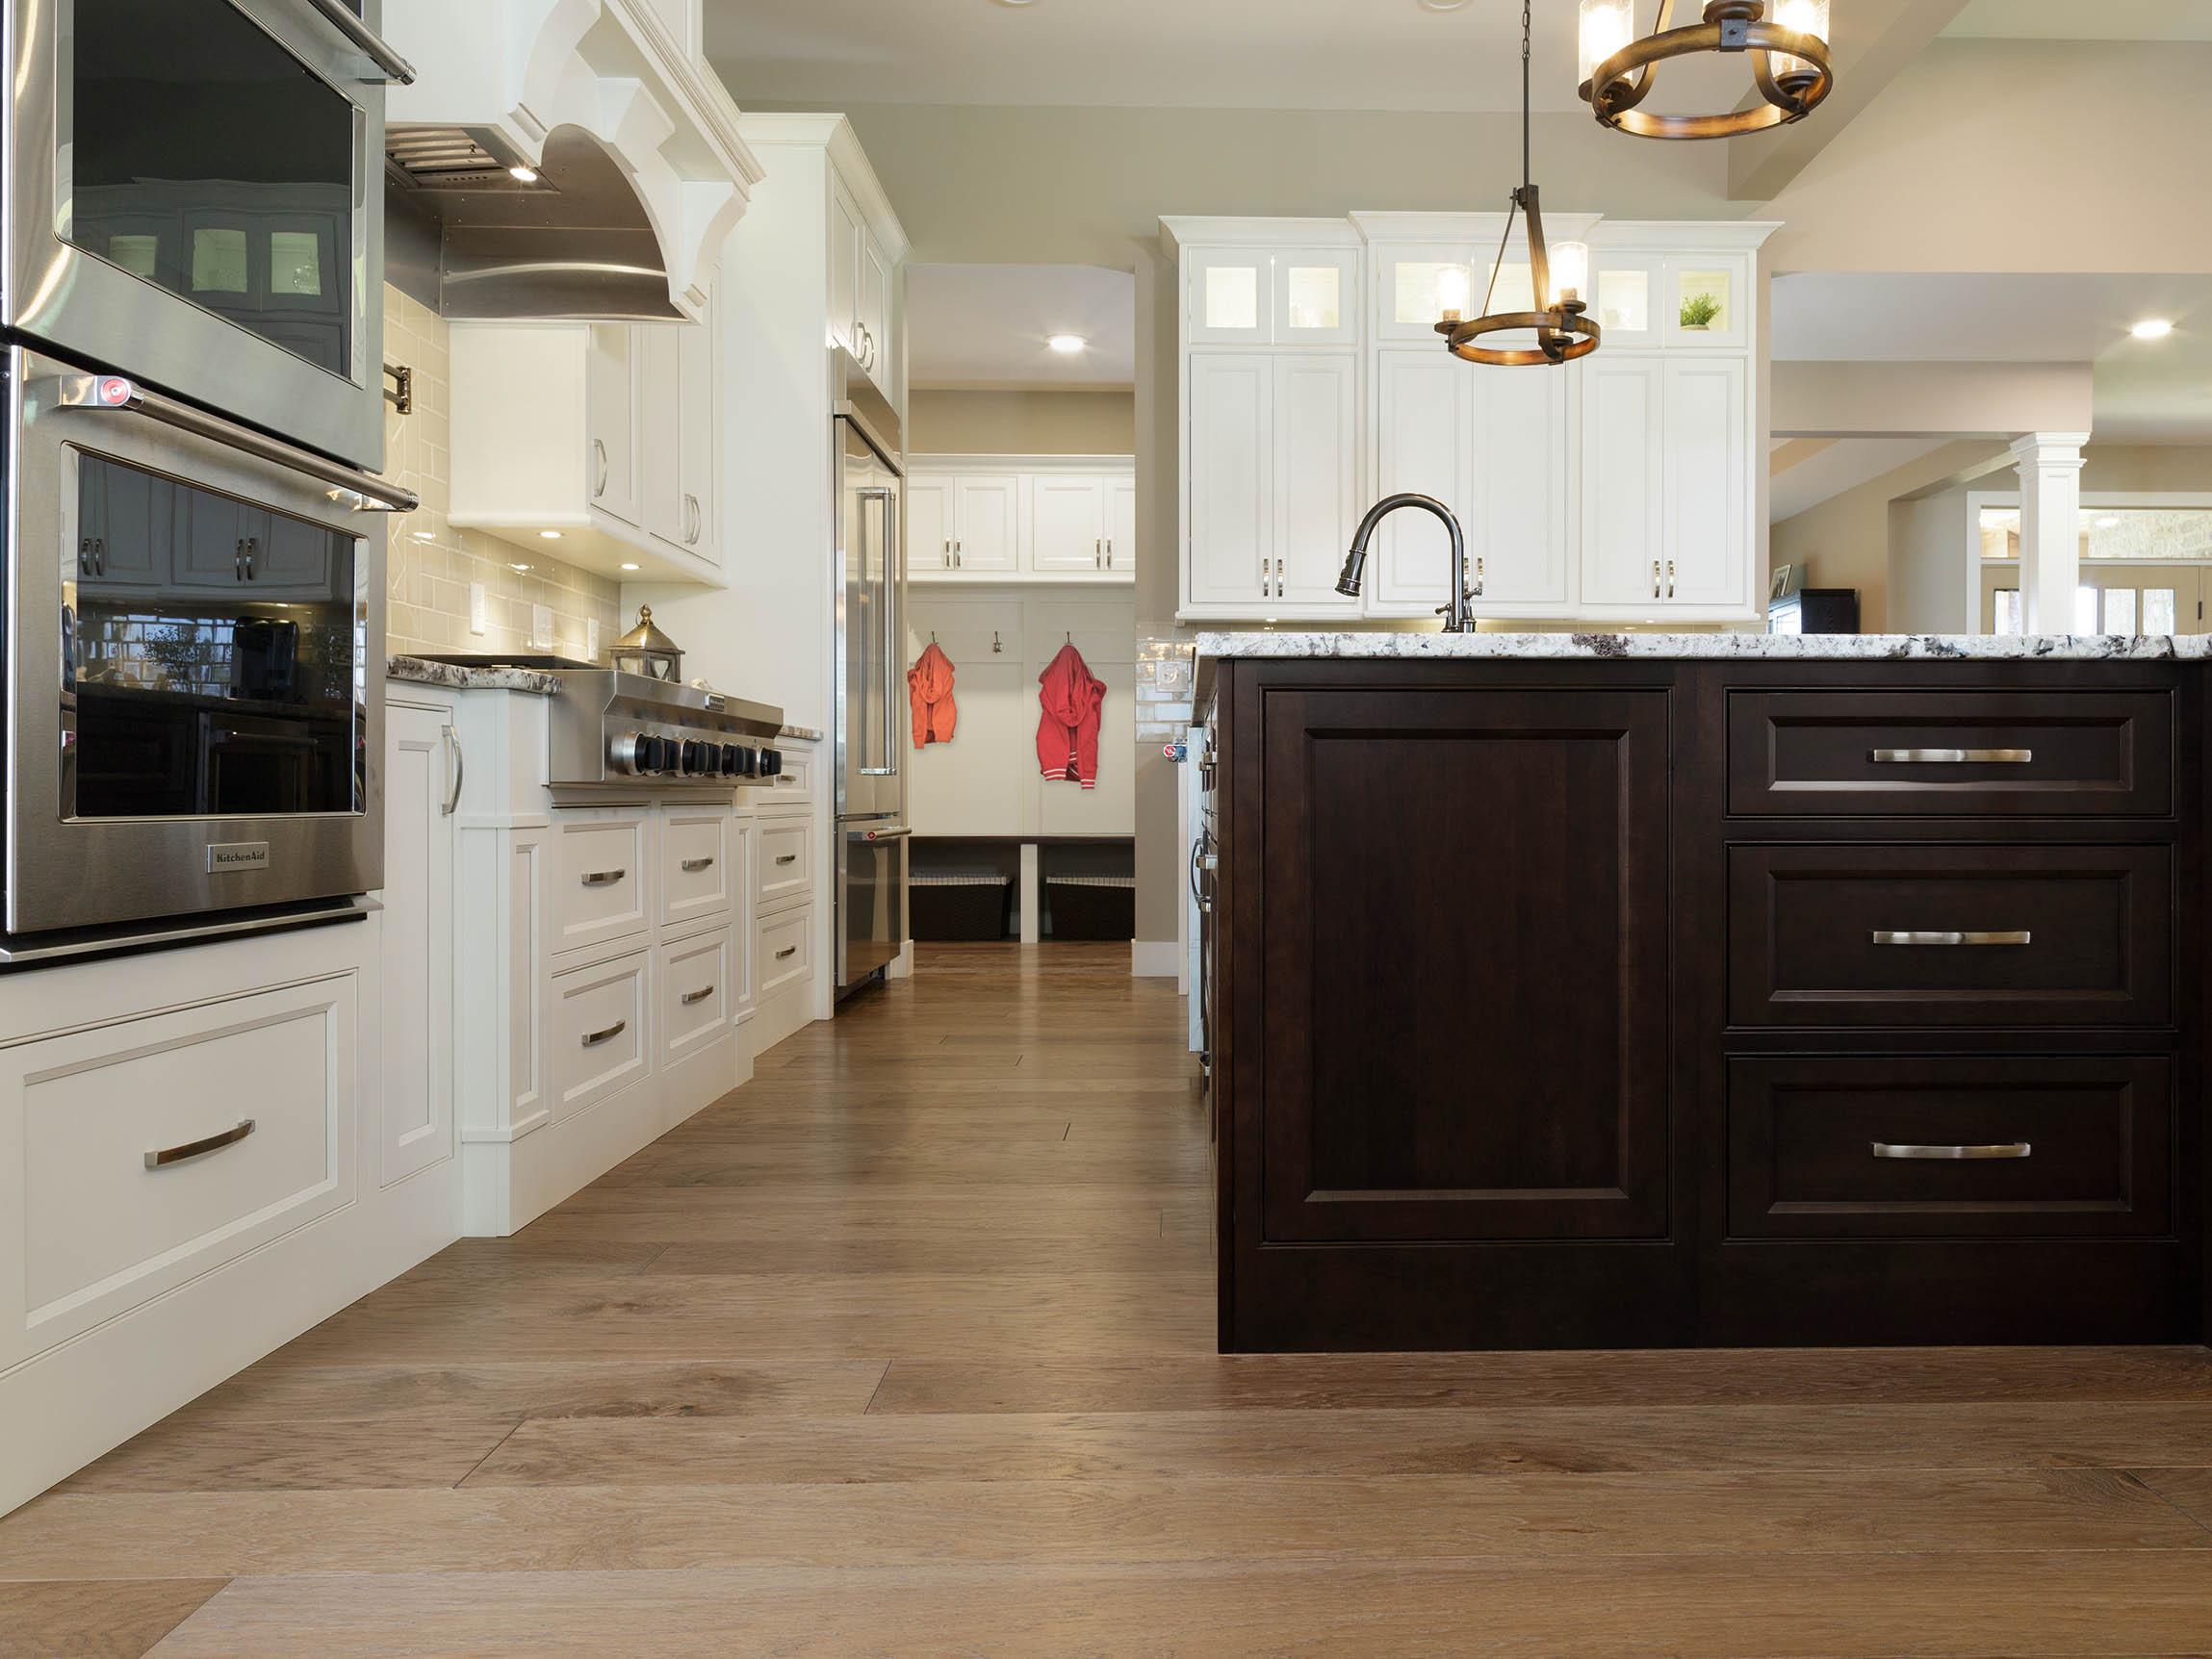 Polar On Maple Beaded Inset Using Greensboro Door Kitchen Cabinets Tiles Nj Art Of Kitchen Tile